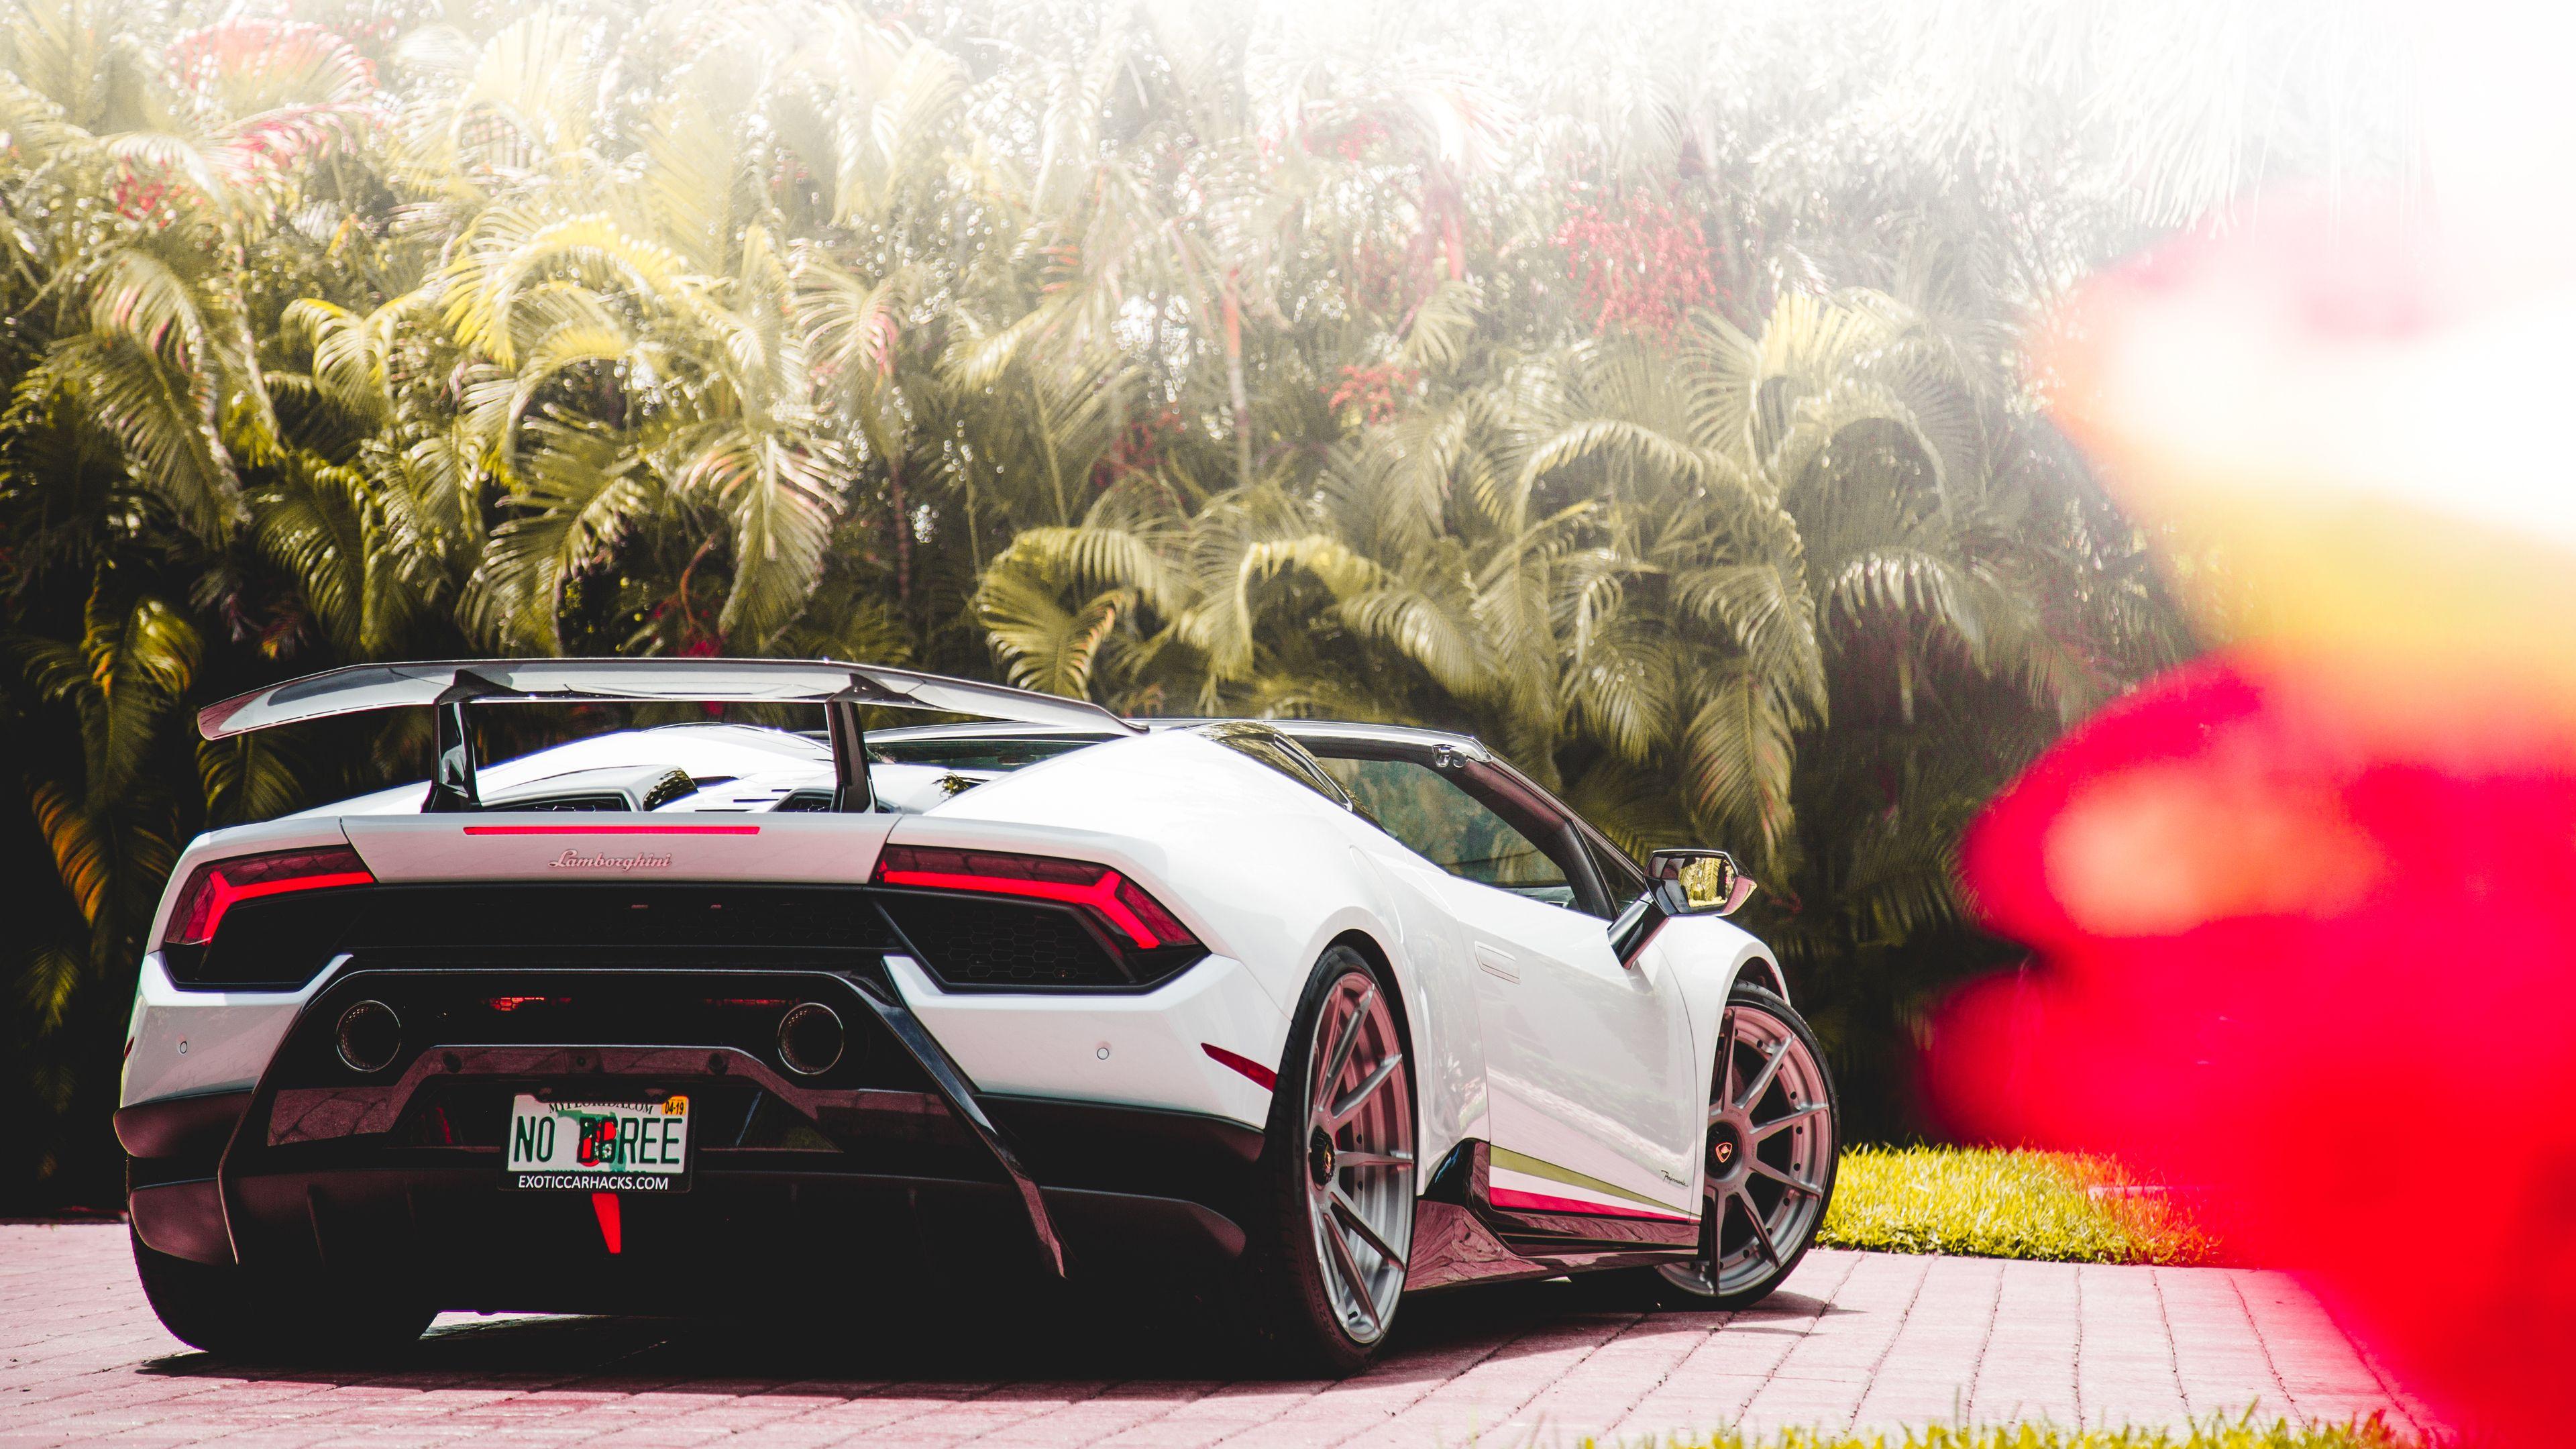 Lamborghini Huracan Performante Rear 4k Wallpaper 2018 Lamborghini Wallpapers Lamborghini Huracan Wallpapers Lamborghini Huracan Lamborghini Car Wallpapers